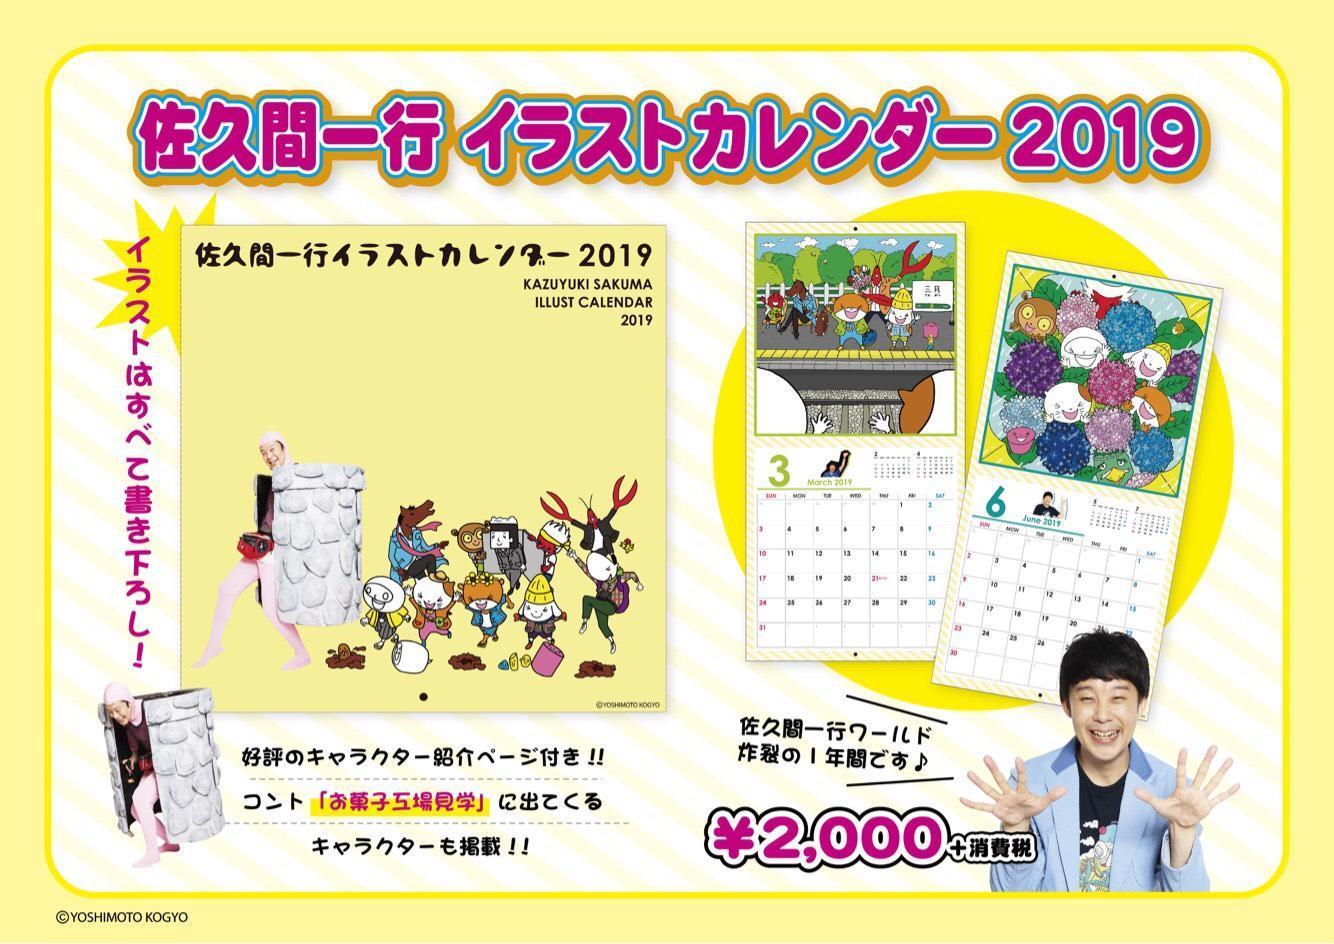 http://news.yoshimoto.co.jp/20180928183230-74a036bbbcb14897844c665de299bb7e94fe72f8.jpg